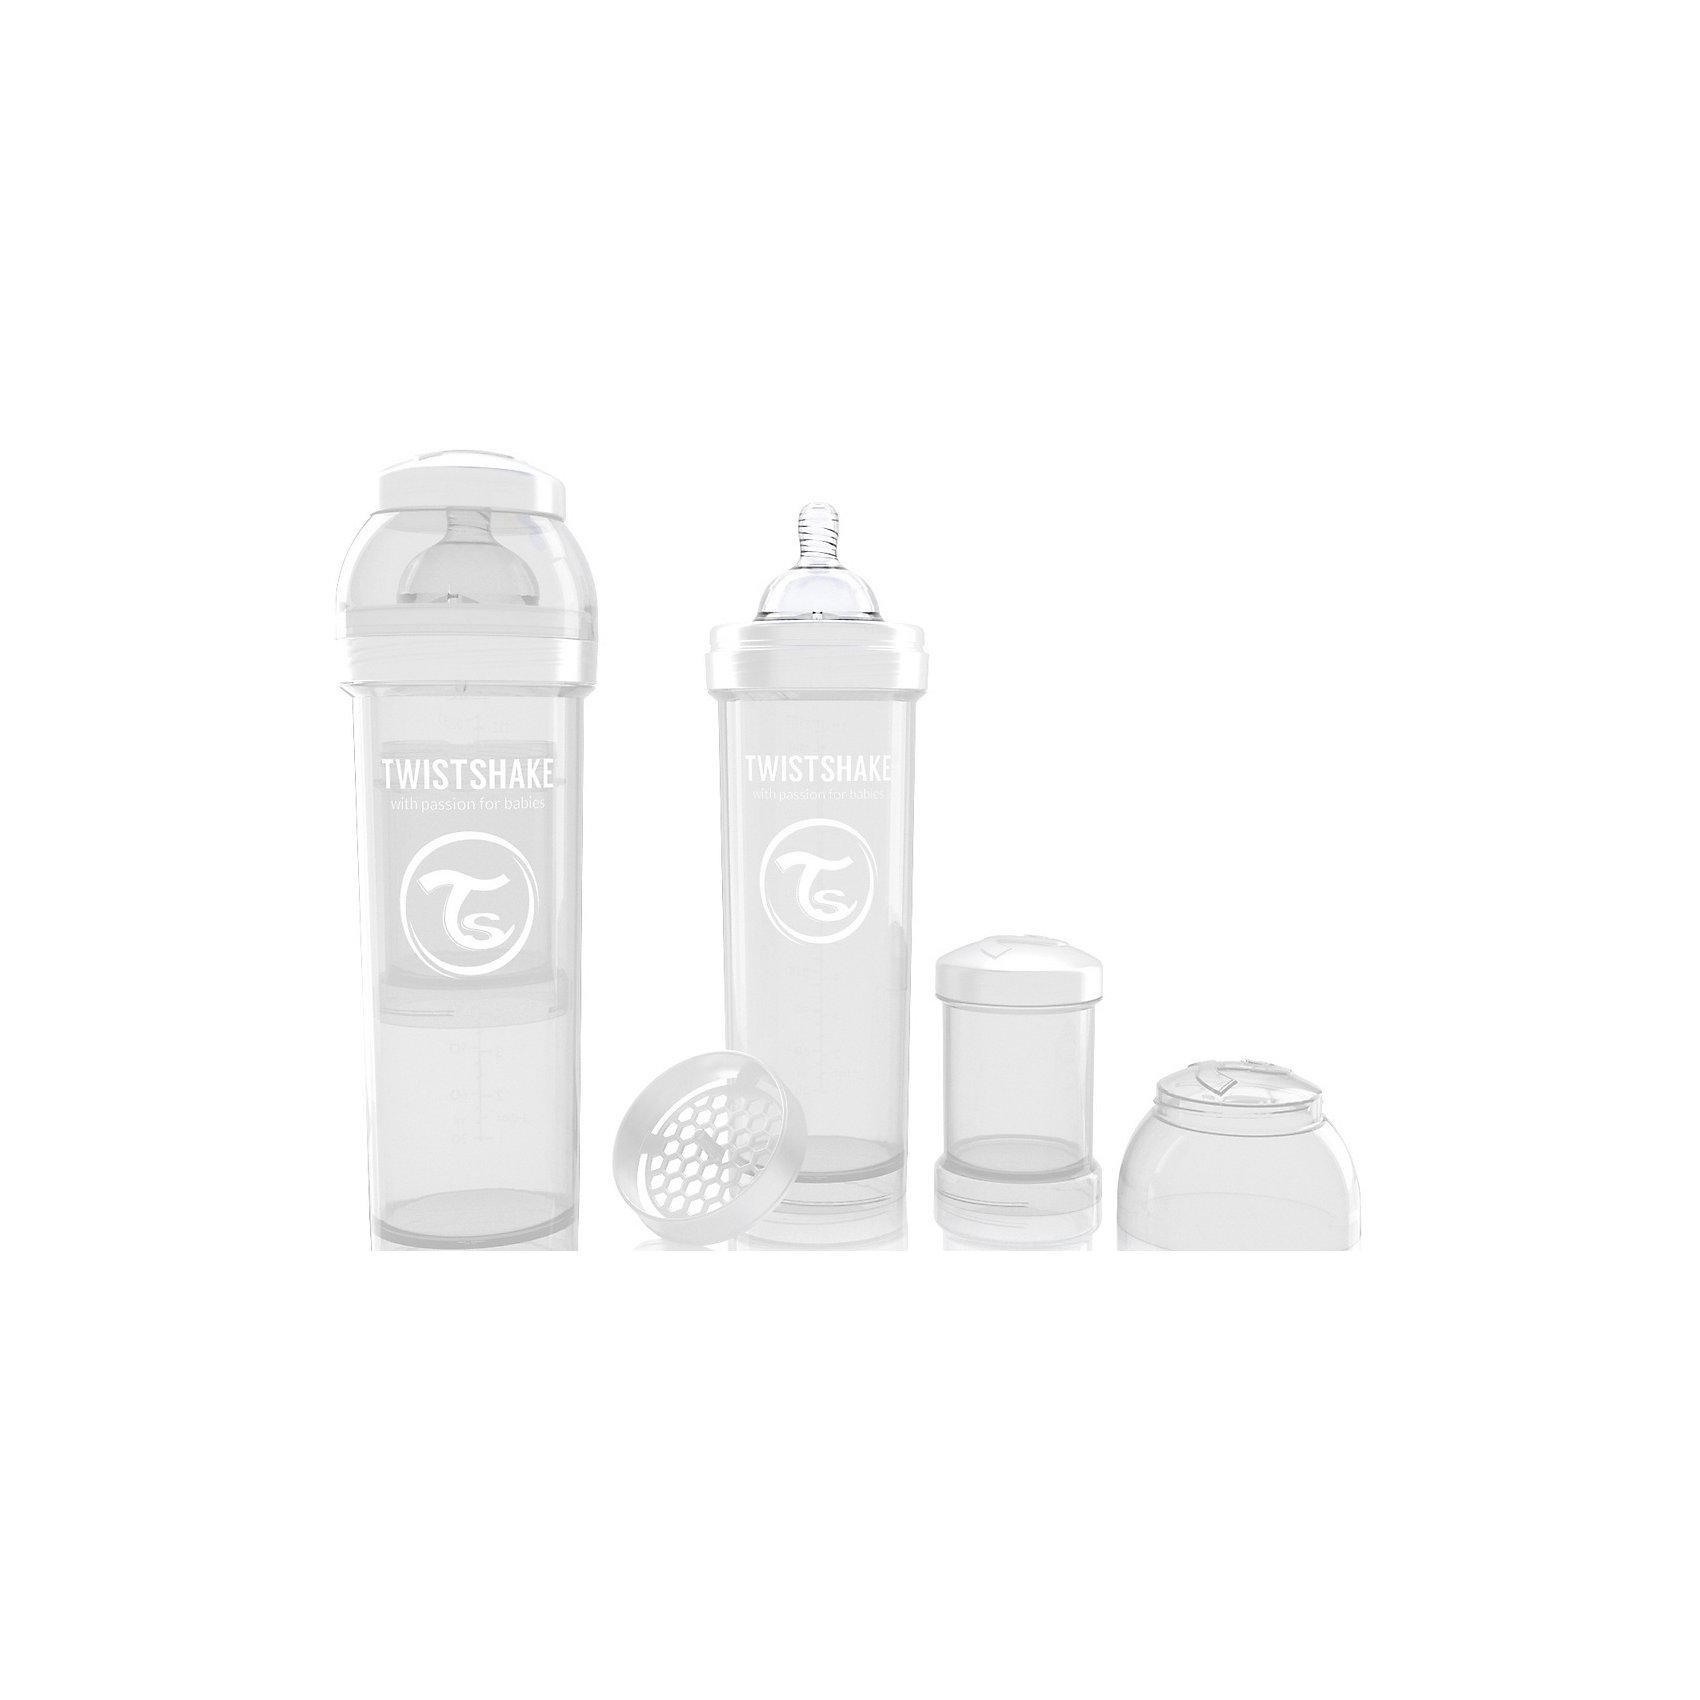 Антиколиковая бутылочка 330 мл., Twistshake, белыйАнтиколиковая бутылочка 330 мл., белый от шведского бренда Twistshake (Твистшейк), придет по вкусу малышам и современным родителям. Эти бутылочки идут в комплекте с контейнером для сухой смеси, чтобы можно было готовить смесь в любом месте непосредсвенно перед кормлением. Также в комплект входит решеточка для разбивки комочков смеси, делая саму смесь идеальной. Материал бутылочки имеет свойства сохранения температуры, не содержит бисфенол А. Удобная форма горлышка обеспечивает доступ к полной промывки бутылочки, можно стерилизовать как холодным, так и горячим методами. Небольшой контейнер для смеси (100 мл.) можно использовать для хранения еды, например печенья или кусочков яблока. Соска бутылочки имеет ортодонтичную форму, благодаря специальному клапану и строению предотвращает попадание воздуха и снижает вероятность появления коликов у крохи. Все предметы складываются в бутылочку для удобной транспортировки и хранения. Также можно купить бутылочки разных цветов и комбинировать их в любимые цветовые сочетания.<br><br>Дополнительная информация:<br><br>- В комплект входит: бутылочка с соской 330 мл., контейнер с крышкой 100 мл., решетка, крышка для бутылочки.<br>- Размер соски: L<br>- Состав бутылочки: 100% пропиллен<br>- Состав соски: силикон<br><br>Антиколиковую бутылочку 330 мл., Twistshake, белый можно купить в нашем интернет-магазине.<br>Подробнее:<br>• Для детей в возрасте: от 4 месяцев <br>• Номер товара: 4976055<br>Страна производитель: Китай<br><br>Ширина мм: 70<br>Глубина мм: 70<br>Высота мм: 220<br>Вес г: 176<br>Возраст от месяцев: 4<br>Возраст до месяцев: 12<br>Пол: Унисекс<br>Возраст: Детский<br>SKU: 4976055